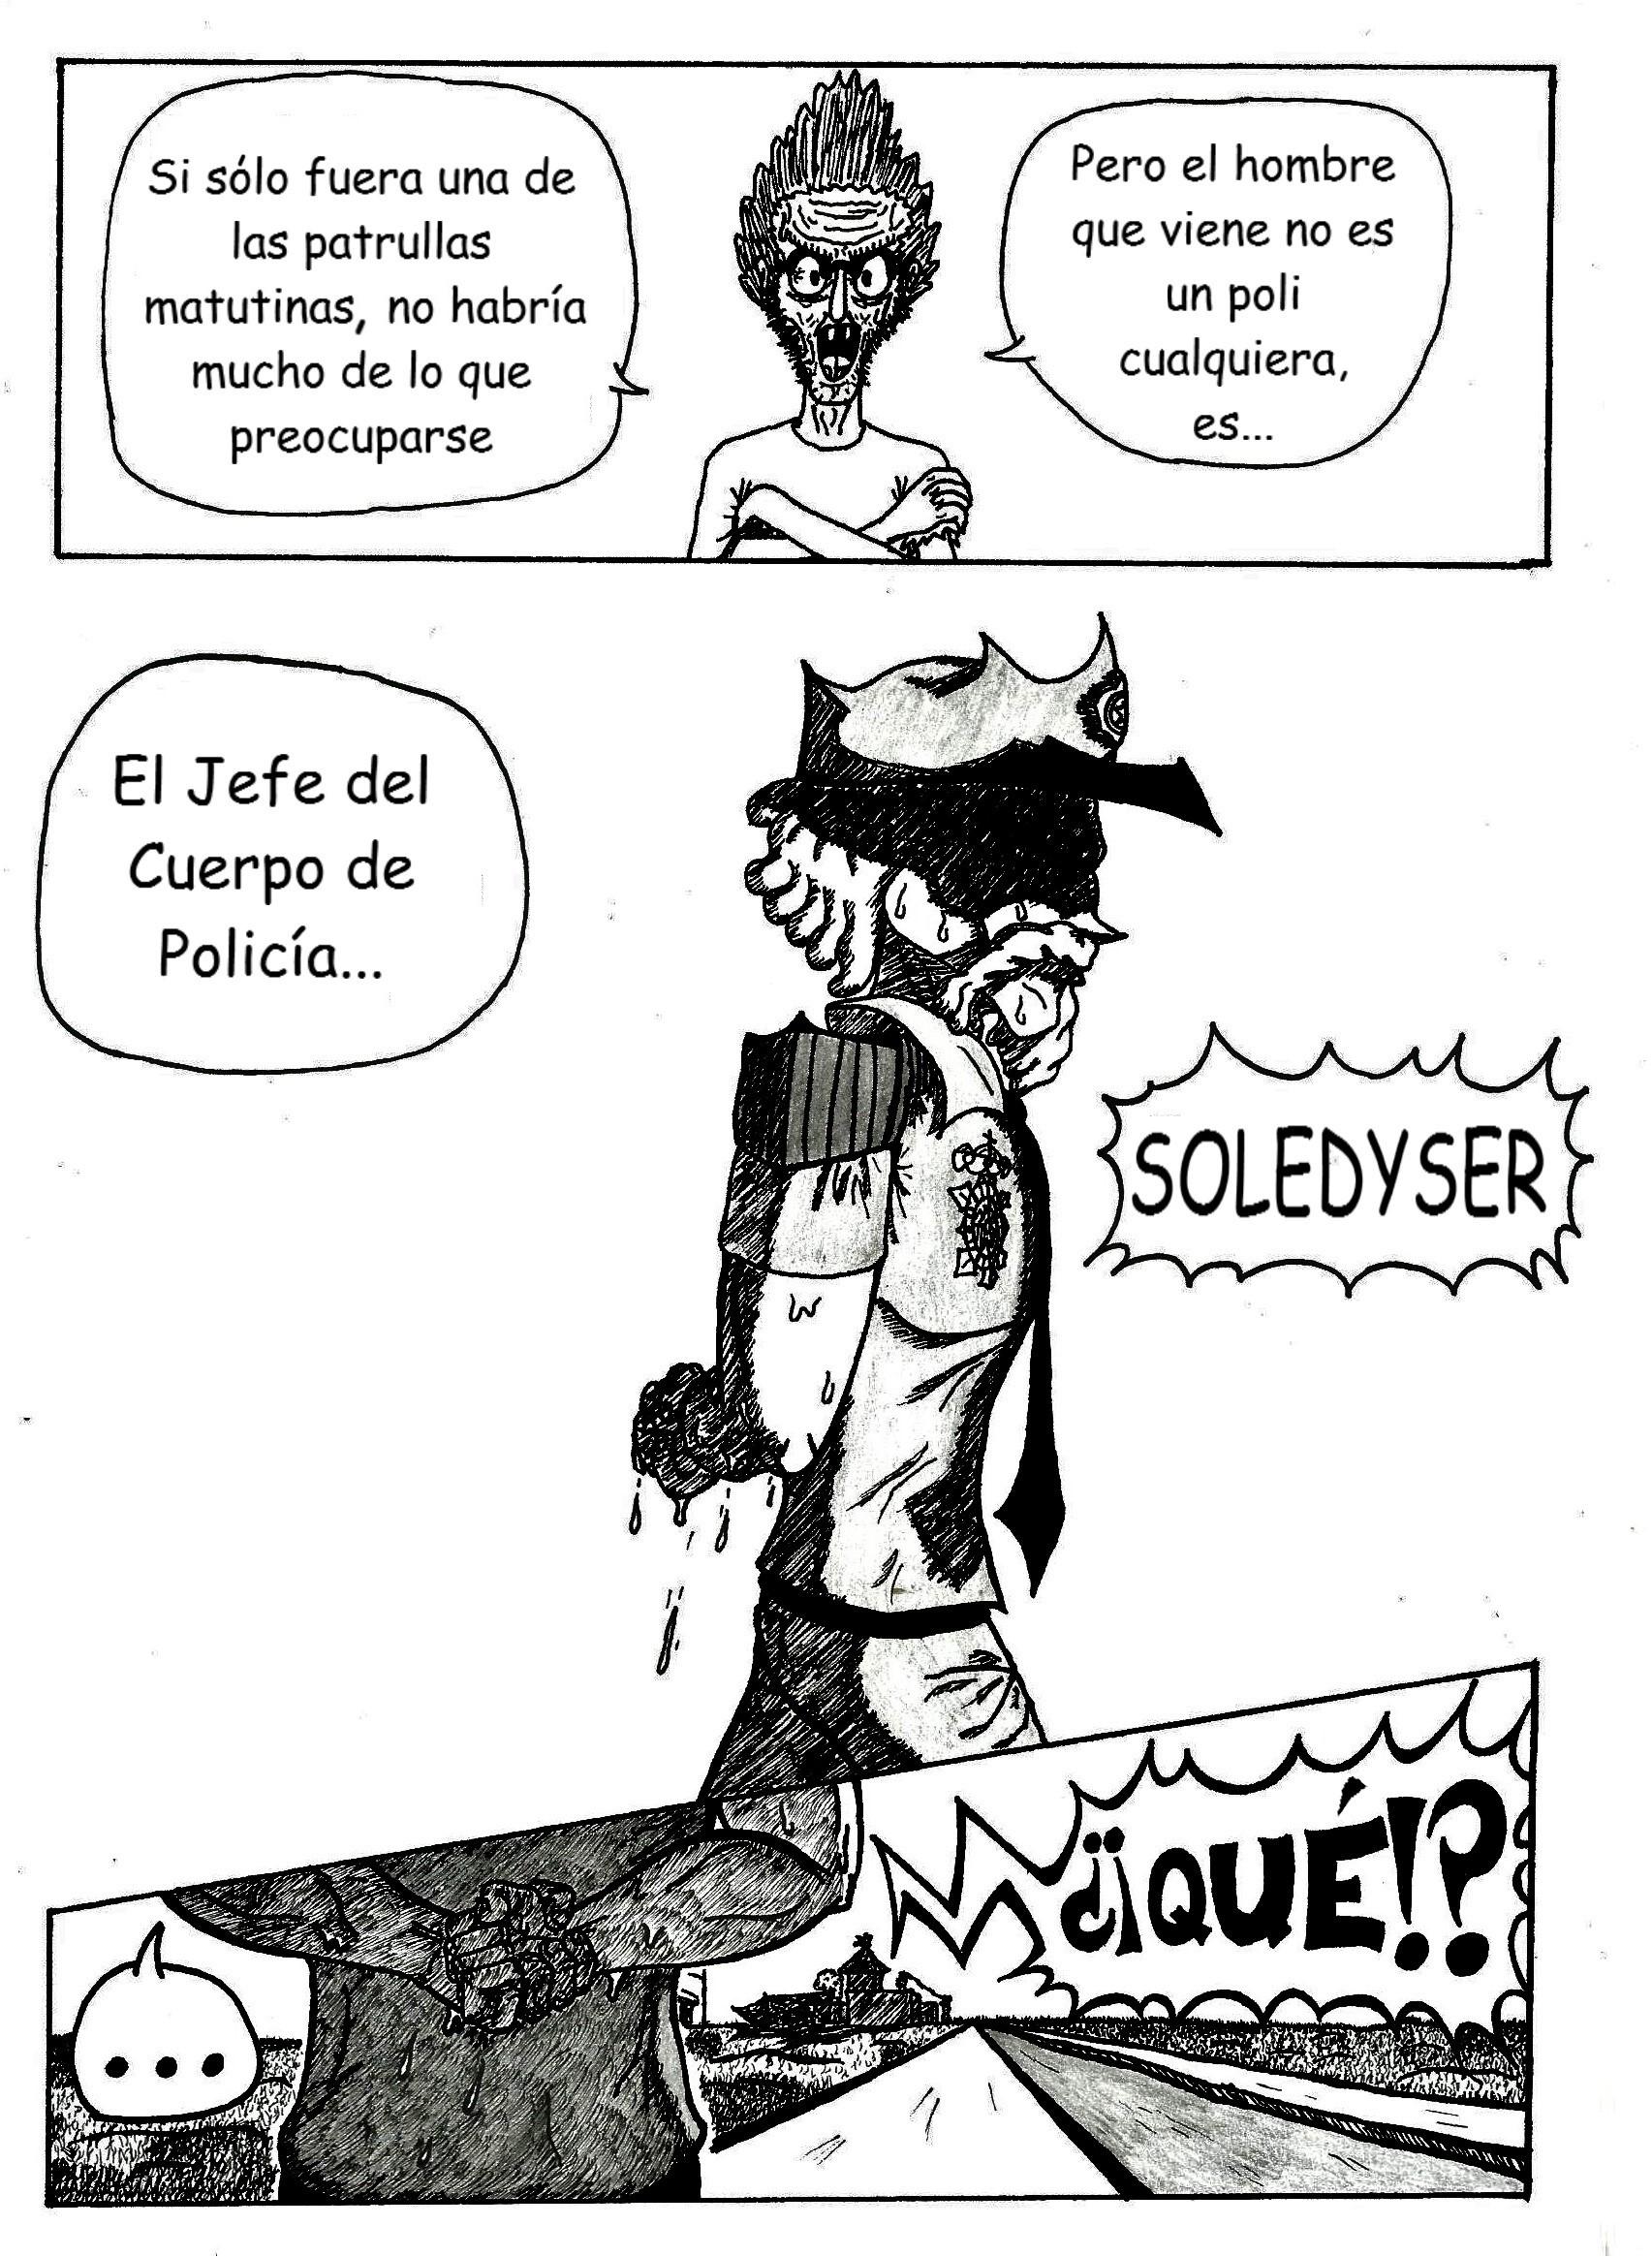 Avatar_01_J_Angel_Casado_Fuster_pagina00022